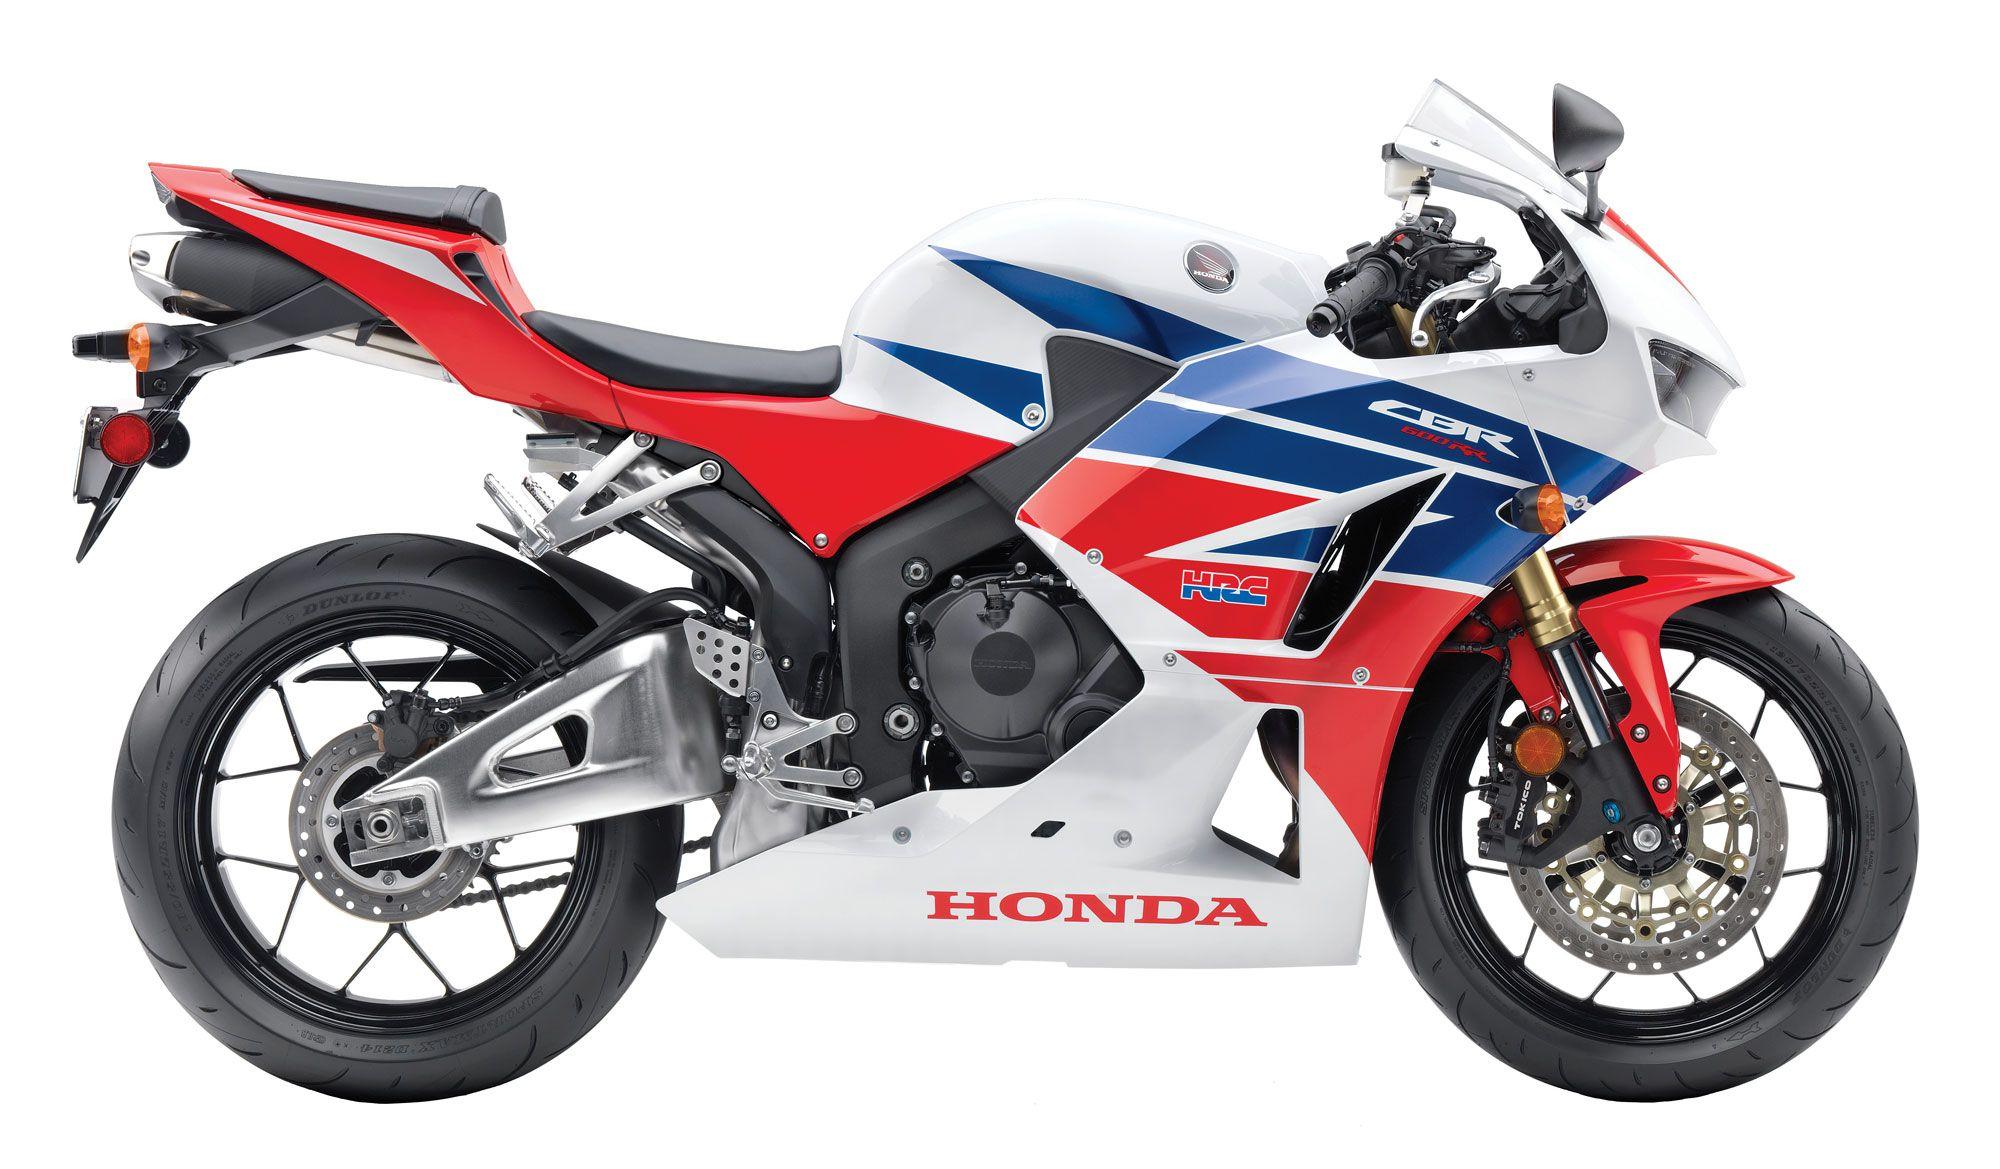 Honda cbr 2014 sports super sports bike photo - 2013 Honda Cbr 600rr